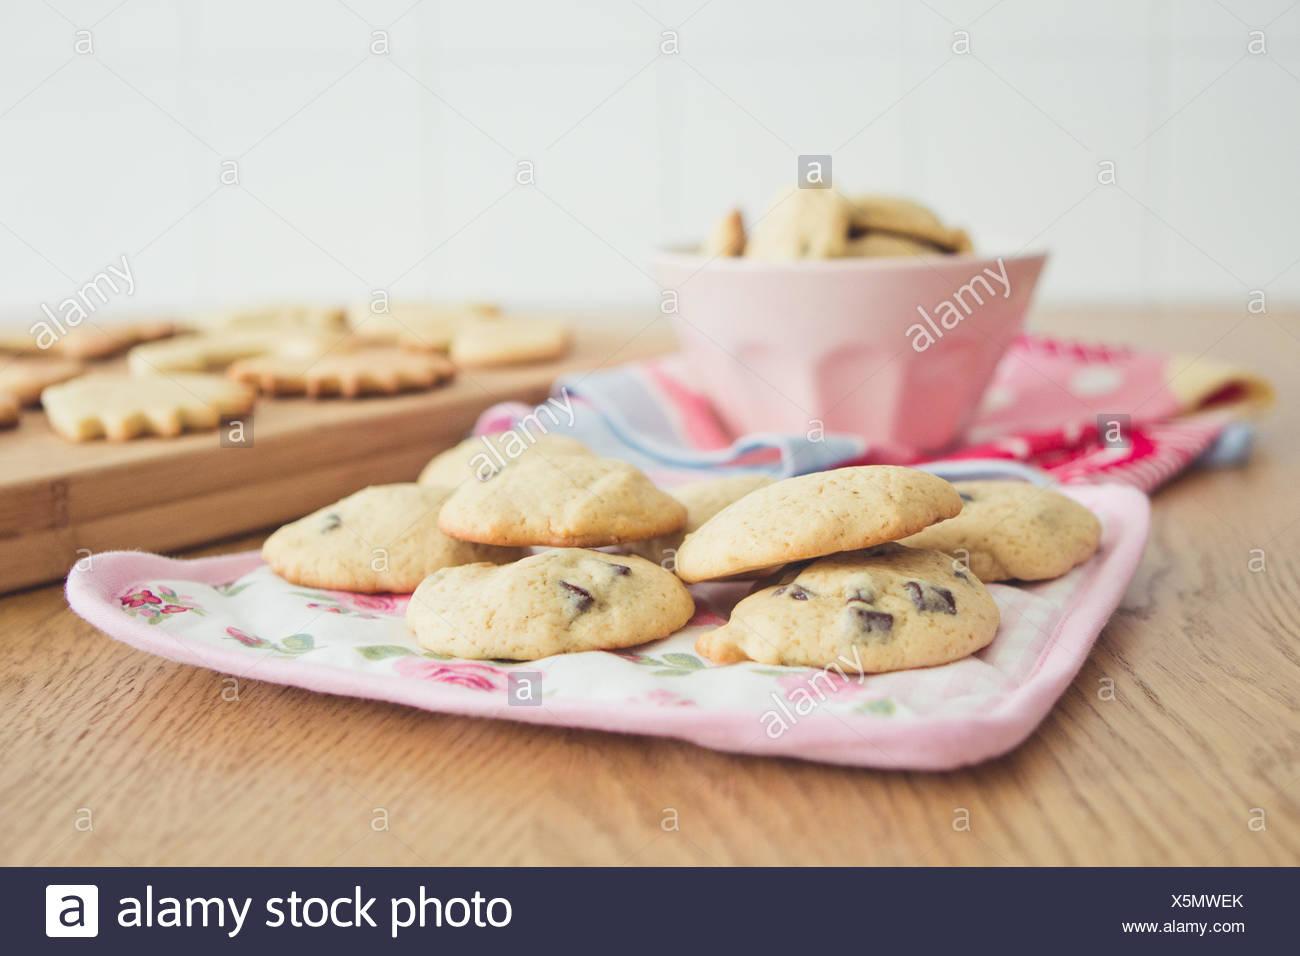 Arrangement of cookies - Stock Image